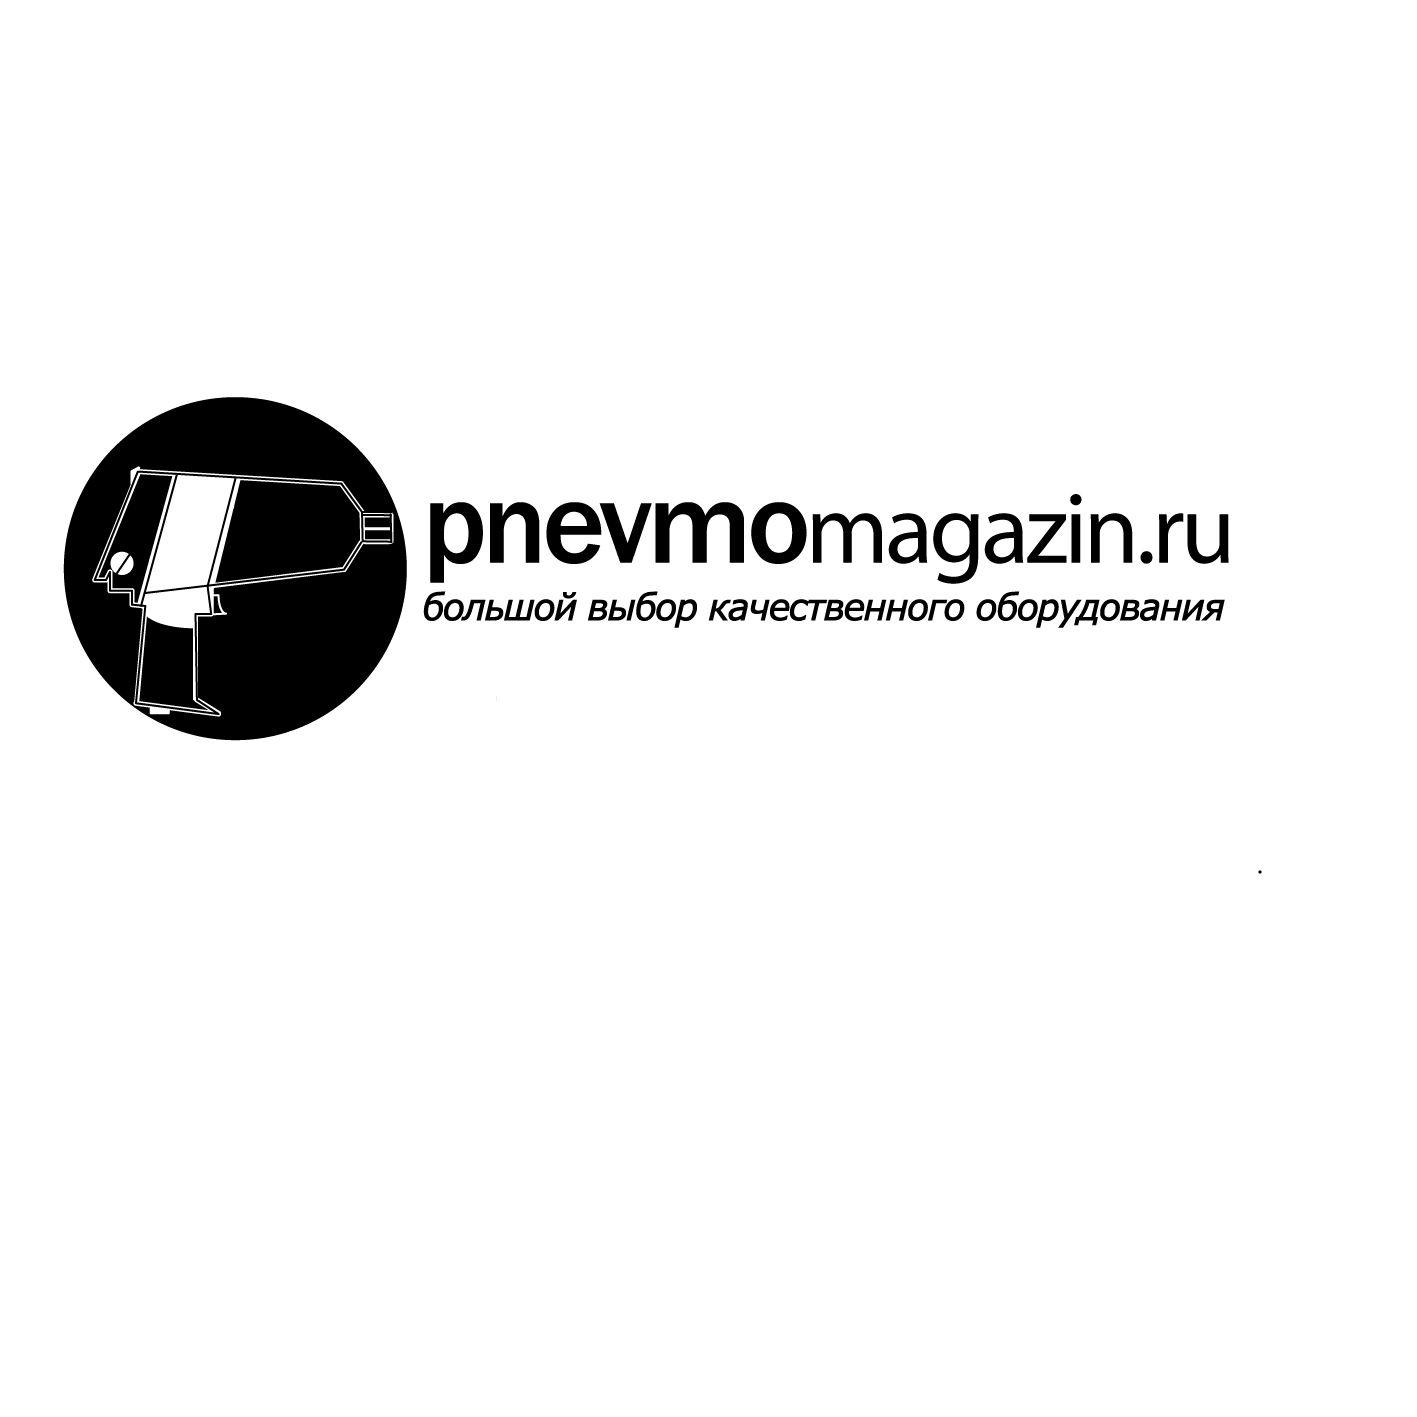 Логотип для магазина компрессорного оборудования - дизайнер Vojtovich_VI